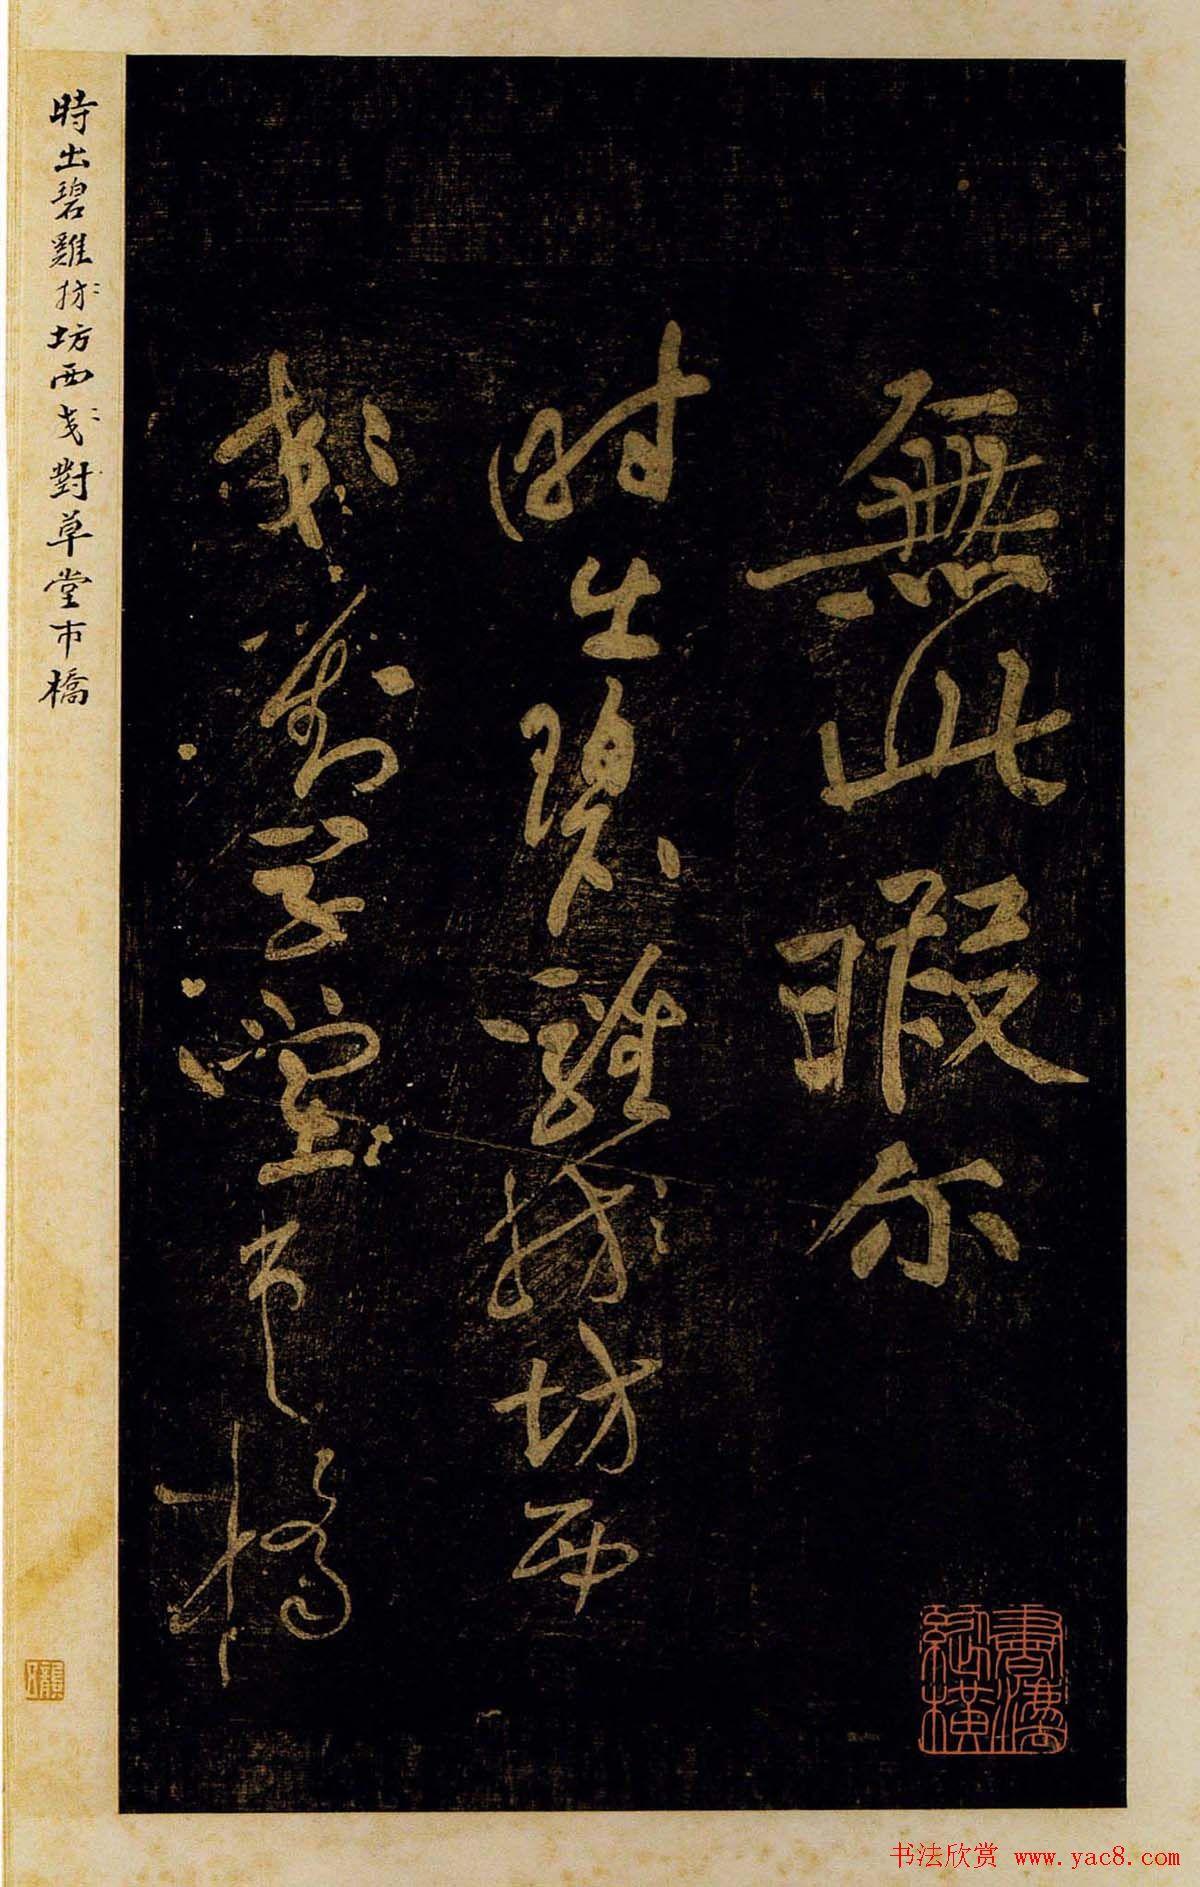 黄庭坚书法草书欣赏《杜甫诗三首》